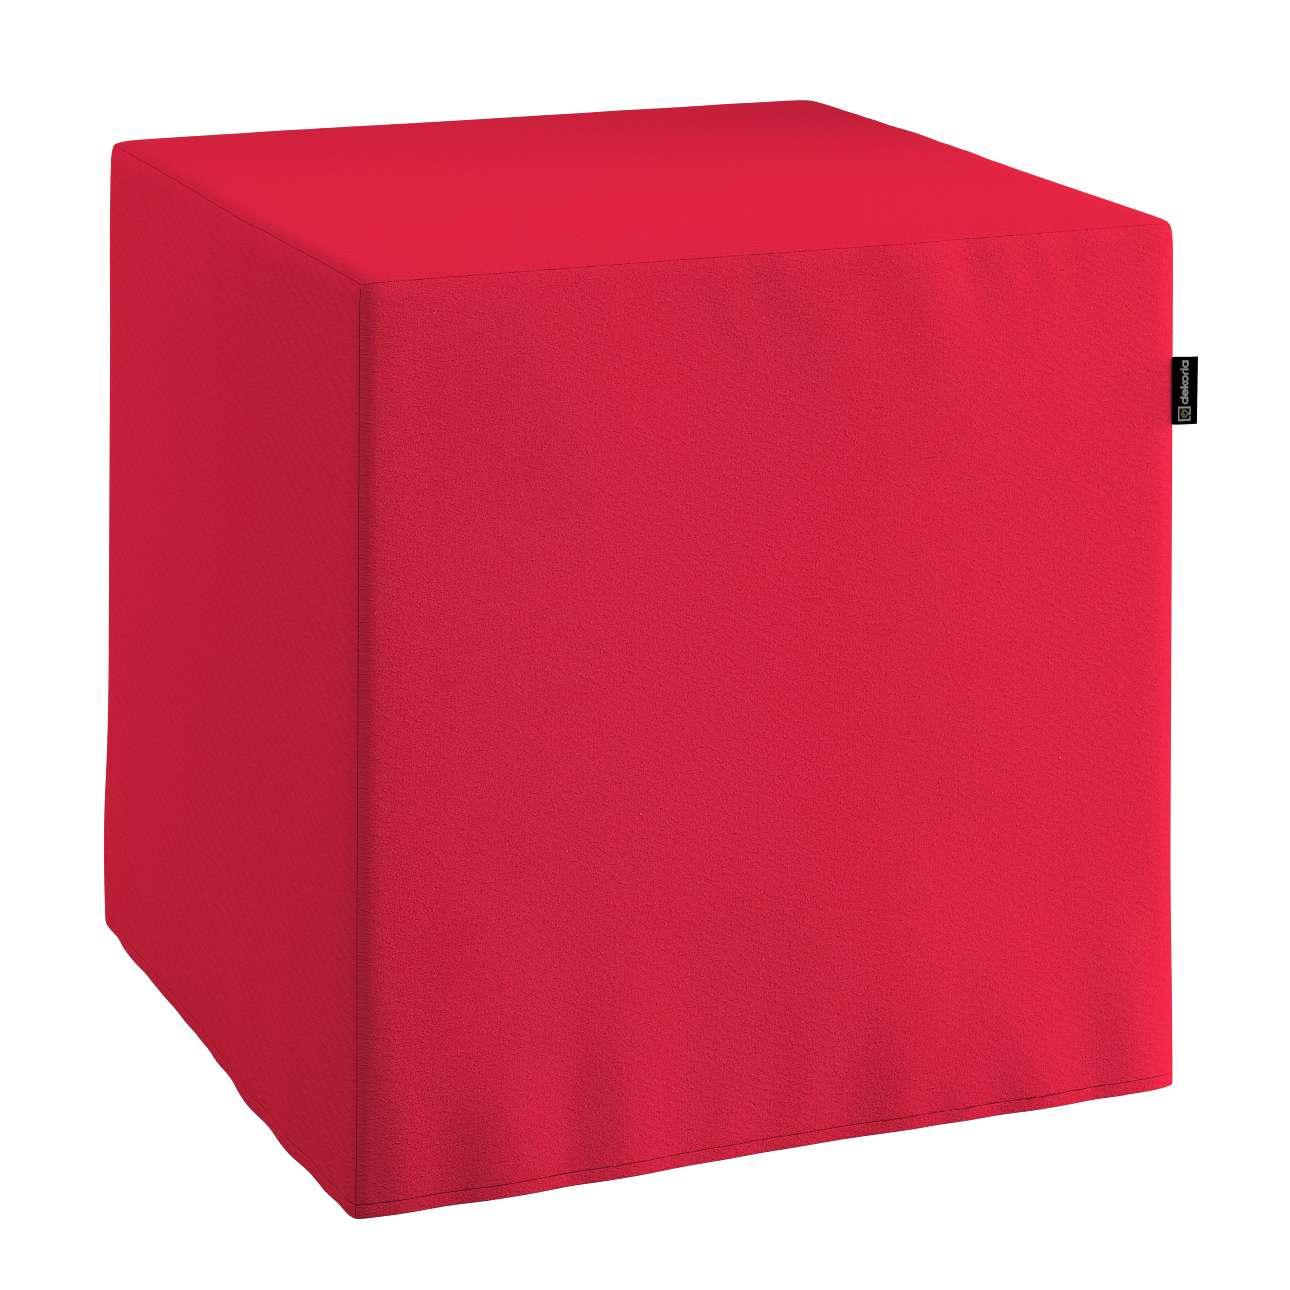 Sedák Cube - kostka pevná 40x40x40 v kolekci Quadro, látka: 136-19